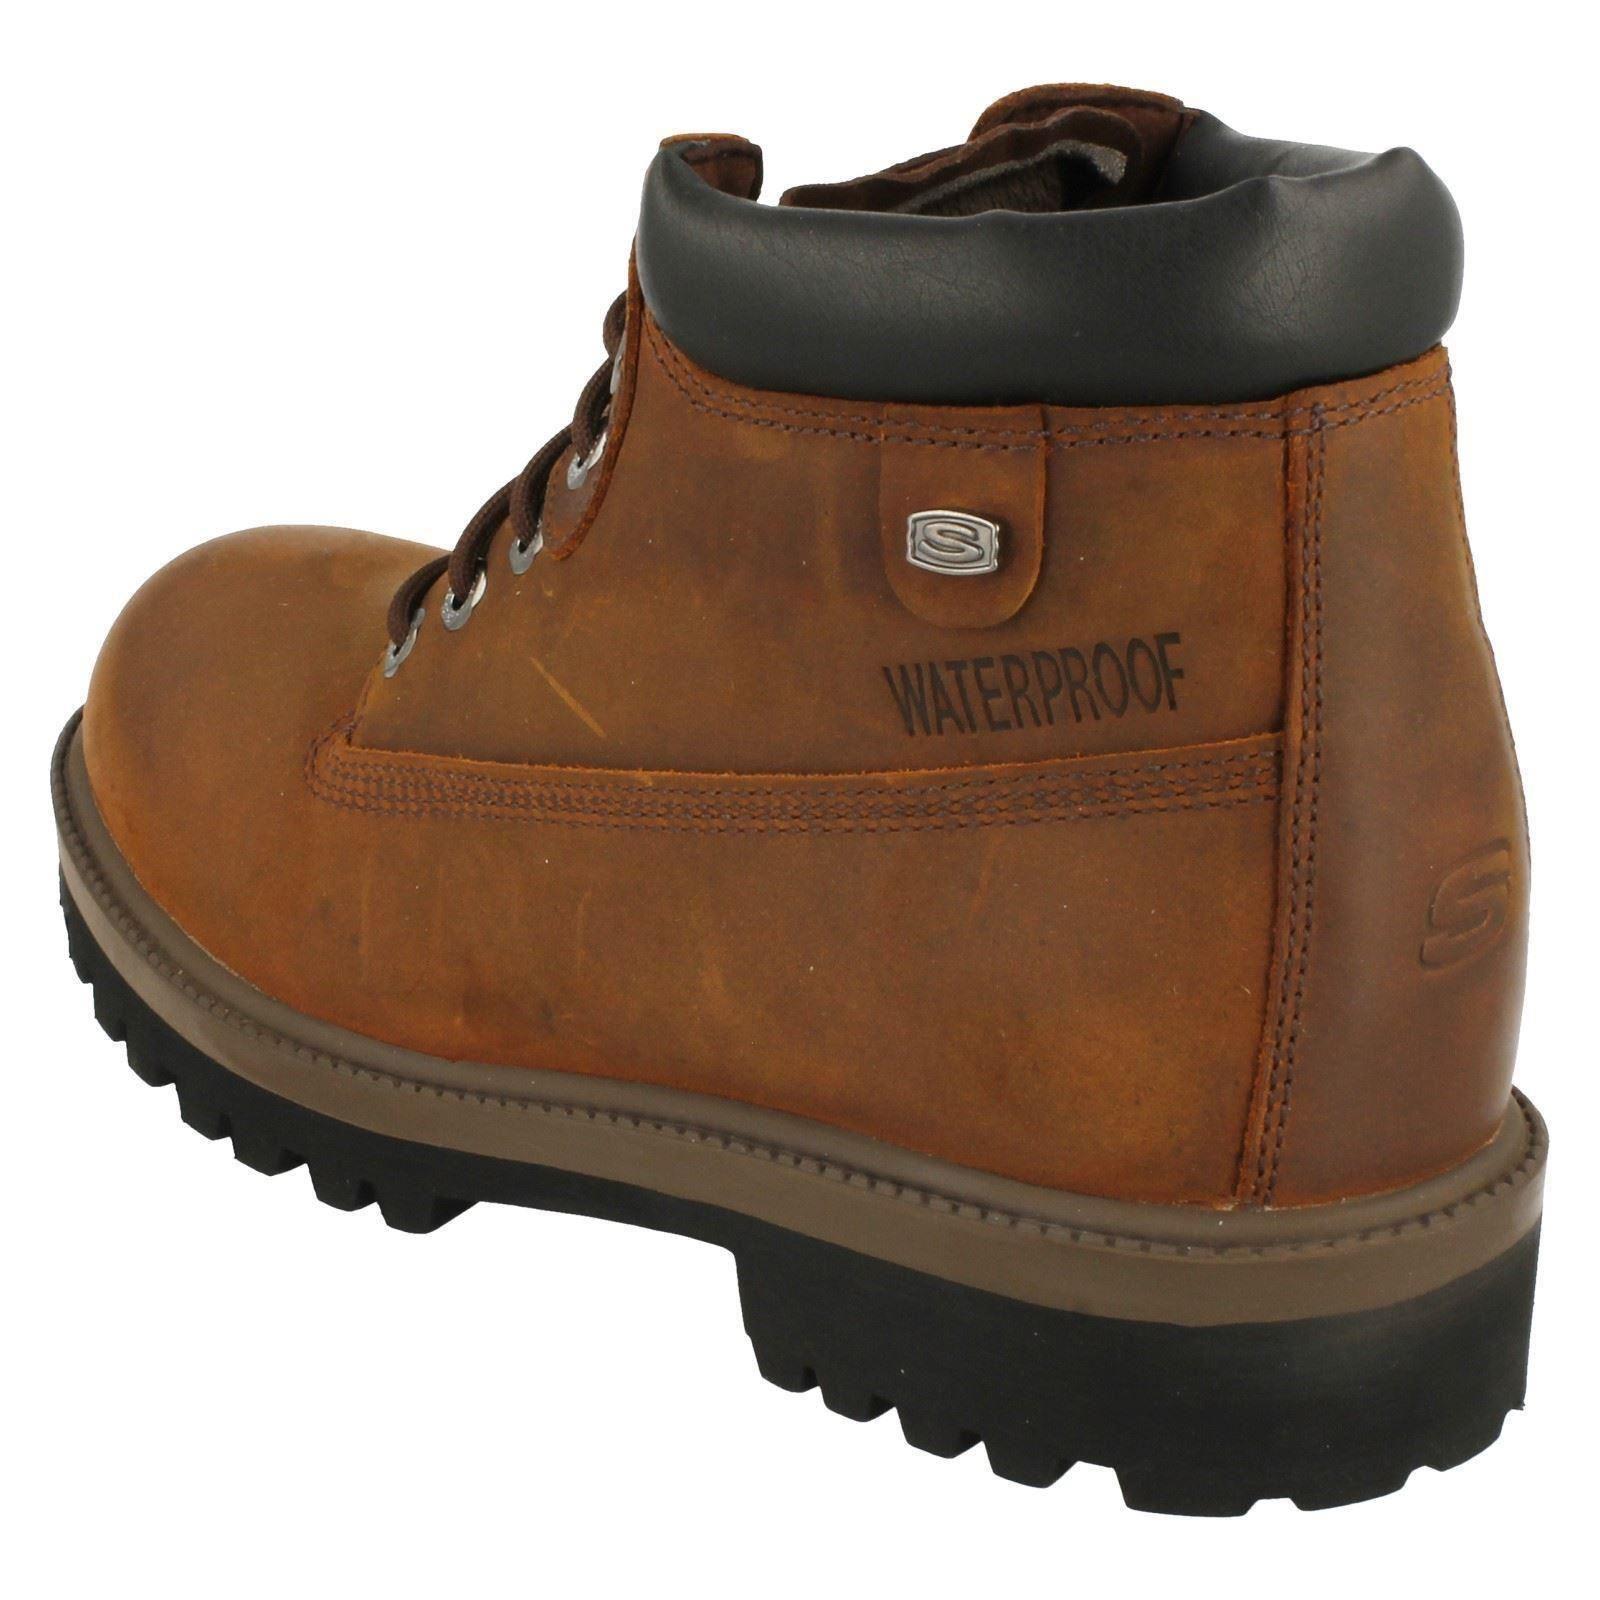 Mens Sketchers Waterproof Up Lace Up Waterproof Boots Verdict 89cf29